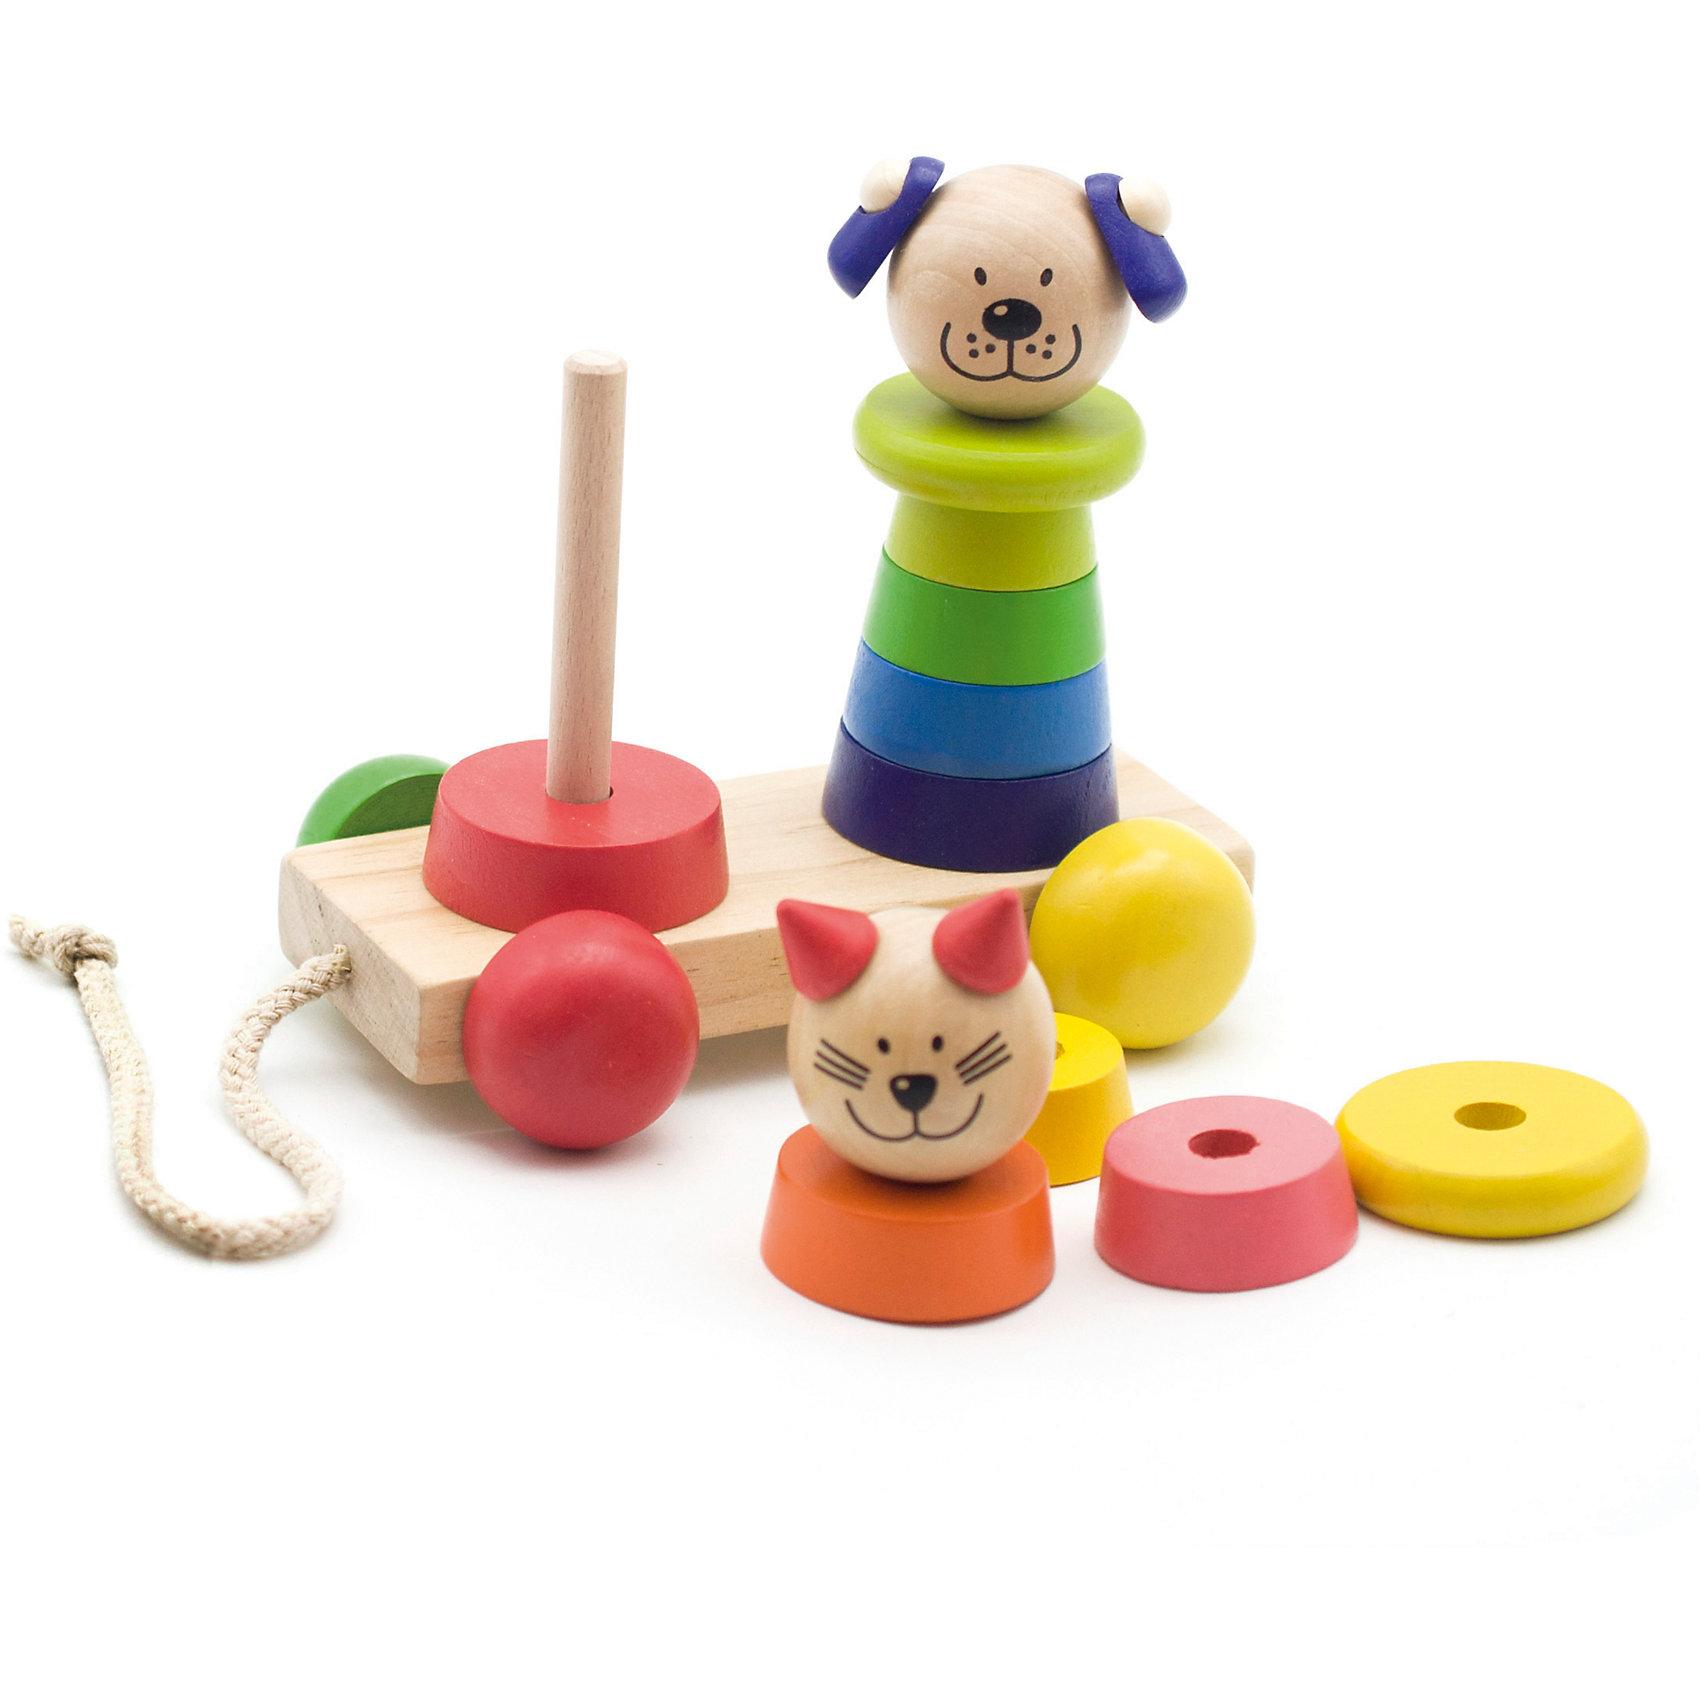 Пирамидка-каталка Кот и собакаПирамидка-каталка Кот и собака – веселая и развивающая игрушка!<br>Игрушка сделана из хорошо отшлифованного натурального дерева, что делает ее безопасной для детей. Пирамидки полностью разборные, с яркими разноцветными колечками. Верхушки пирамидок – мордочки кошечки и собачки. Пирамидка имеет веревочку и удобные деревянные колесики, поэтому она легко катается.<br>Дополнительная информация:<br>- размер: 130х70х90<br>- вес: 400г<br>- материал: дерево <br>- возраст: от 1 года<br><br>Пирамидка-каталка Кот и собака можно купить в нашем интернет-магазине.<br><br>Ширина мм: 130<br>Глубина мм: 70<br>Высота мм: 90<br>Вес г: 400<br>Возраст от месяцев: 36<br>Возраст до месяцев: 2147483647<br>Пол: Унисекс<br>Возраст: Детский<br>SKU: 4895869